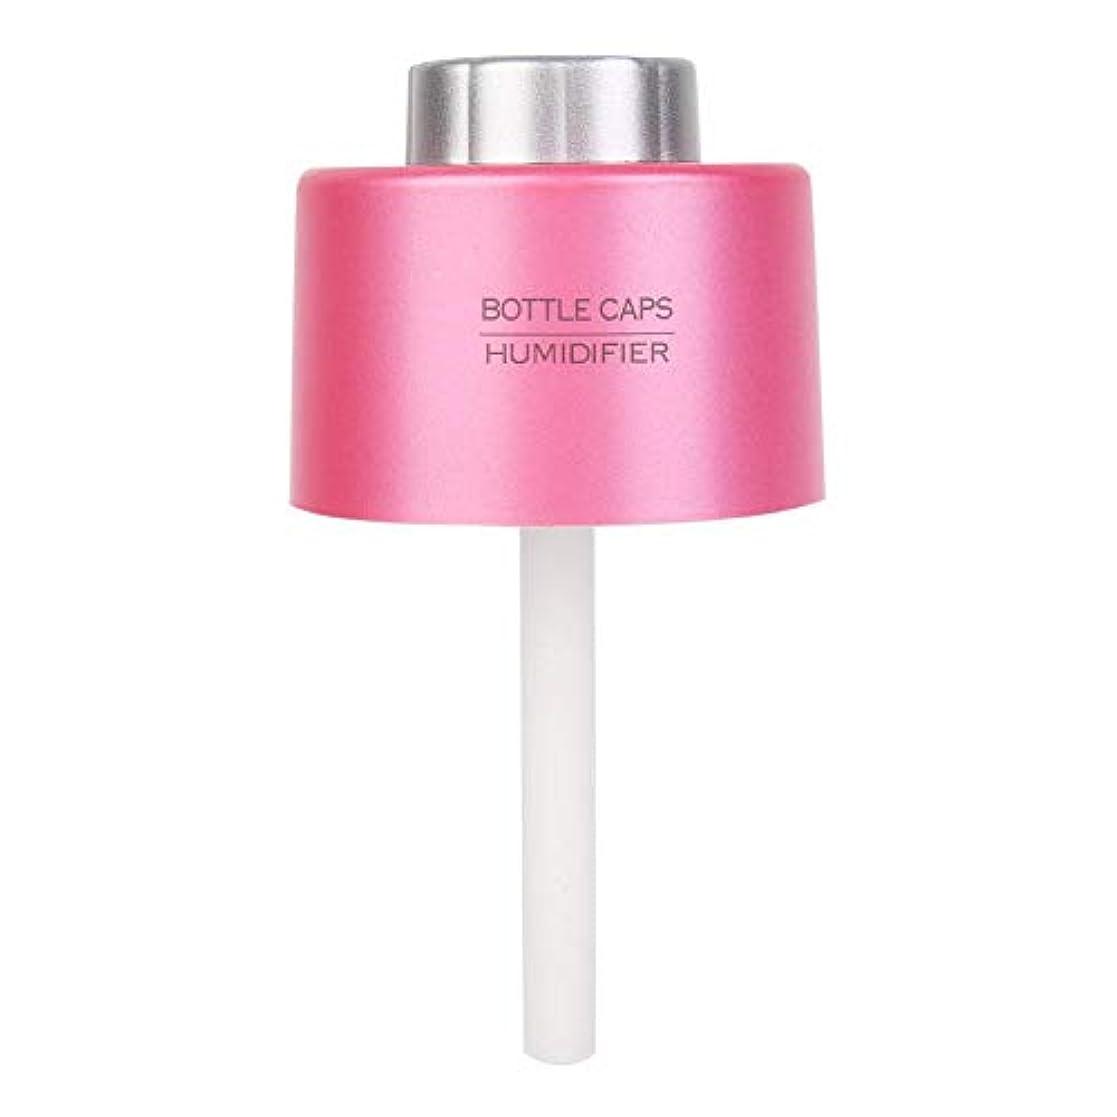 雪免疫間隔ポータブルミニウォーターボトルキャップ加湿器アロマエアディフューザーミストメーカーUSB(ピンク)